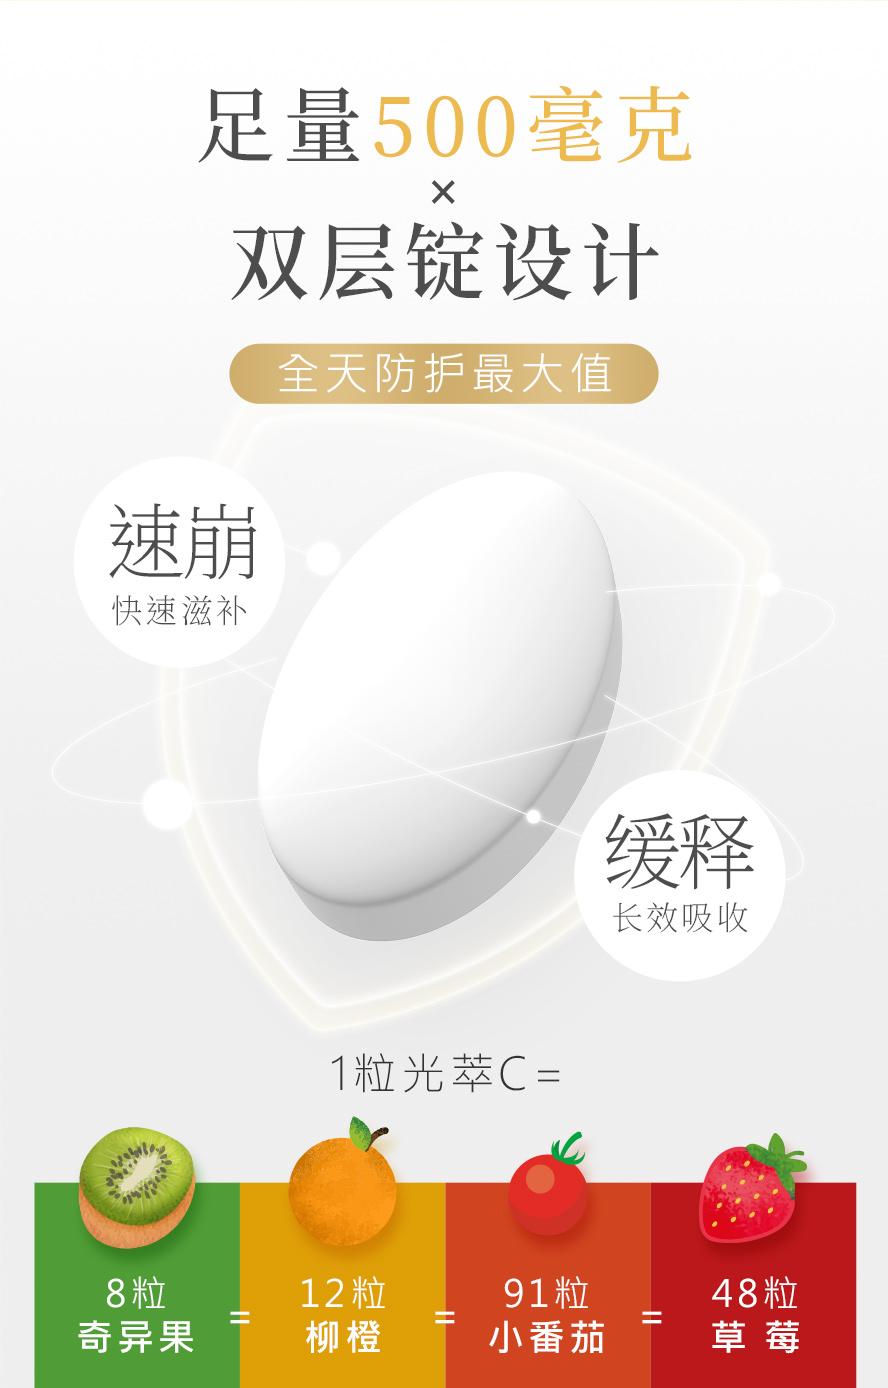 BHKs光萃维生素C,有助于胶原蛋白形成、促进铁质吸收,轻松抗老拥有好气色。